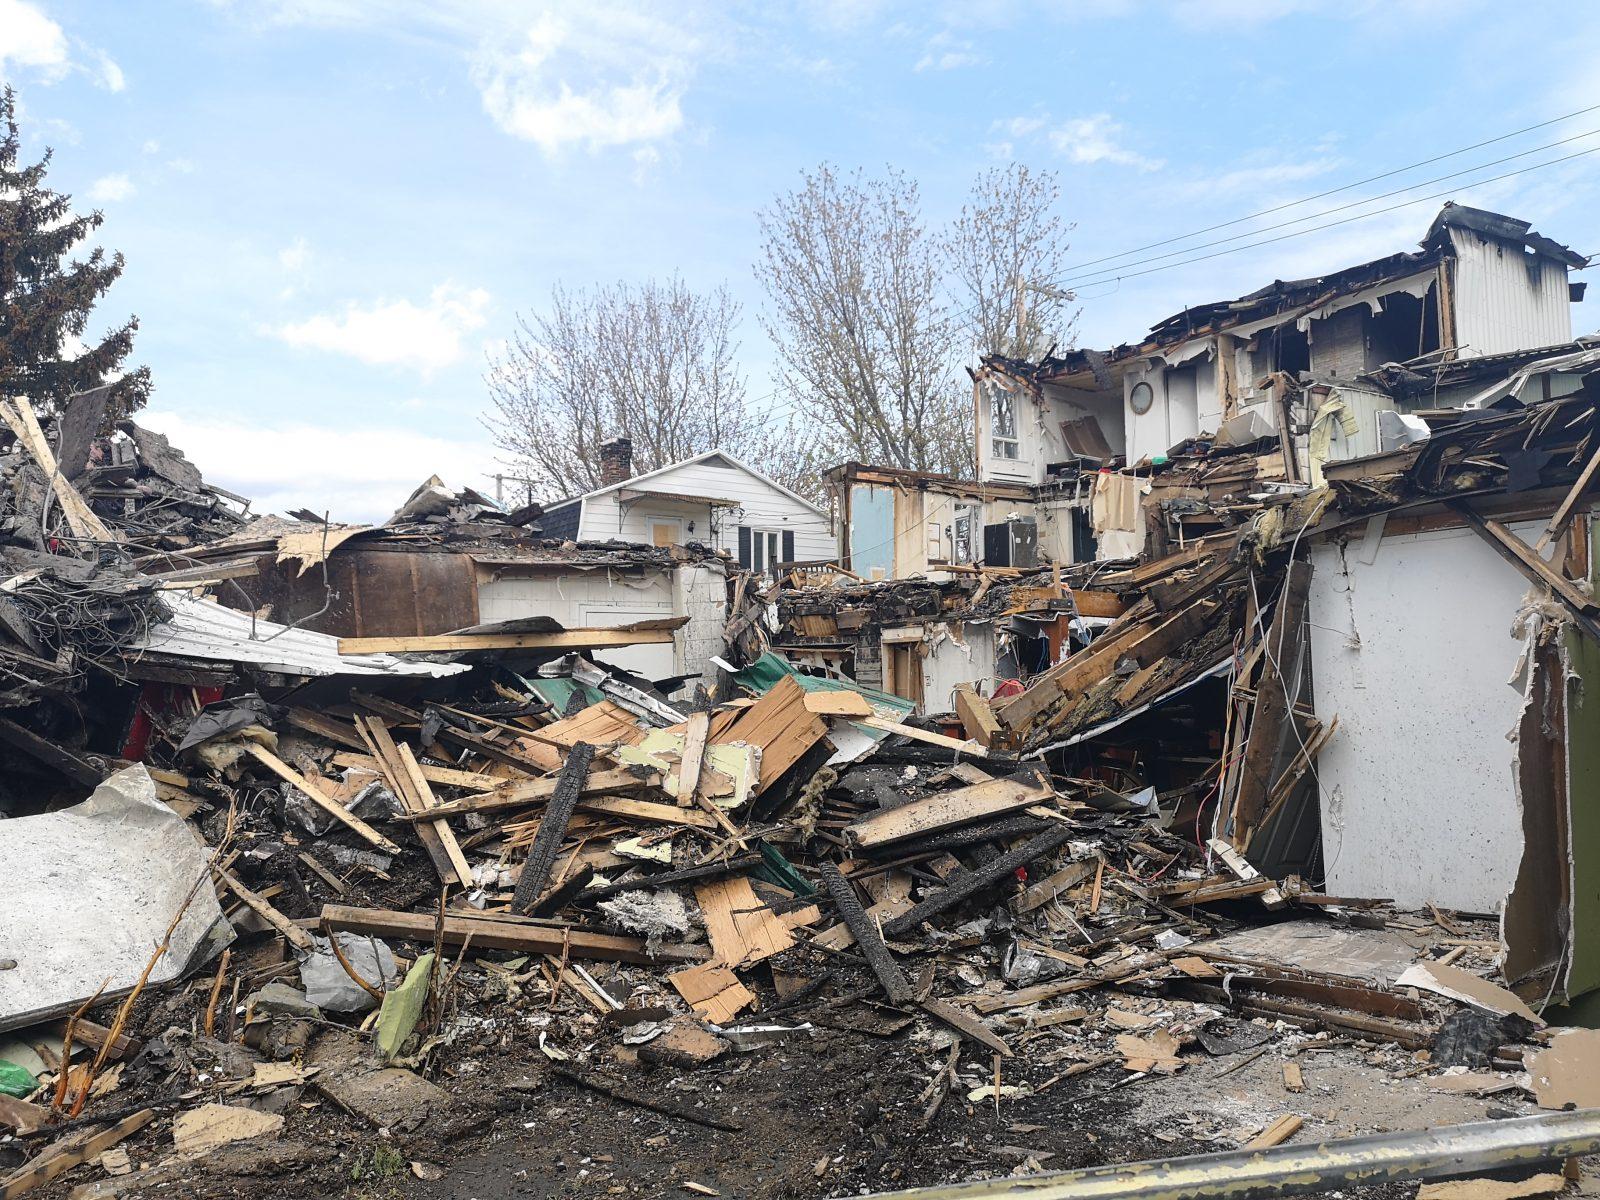 Incendie de l'hôtel Hovington : le blessé grave s'en est sorti